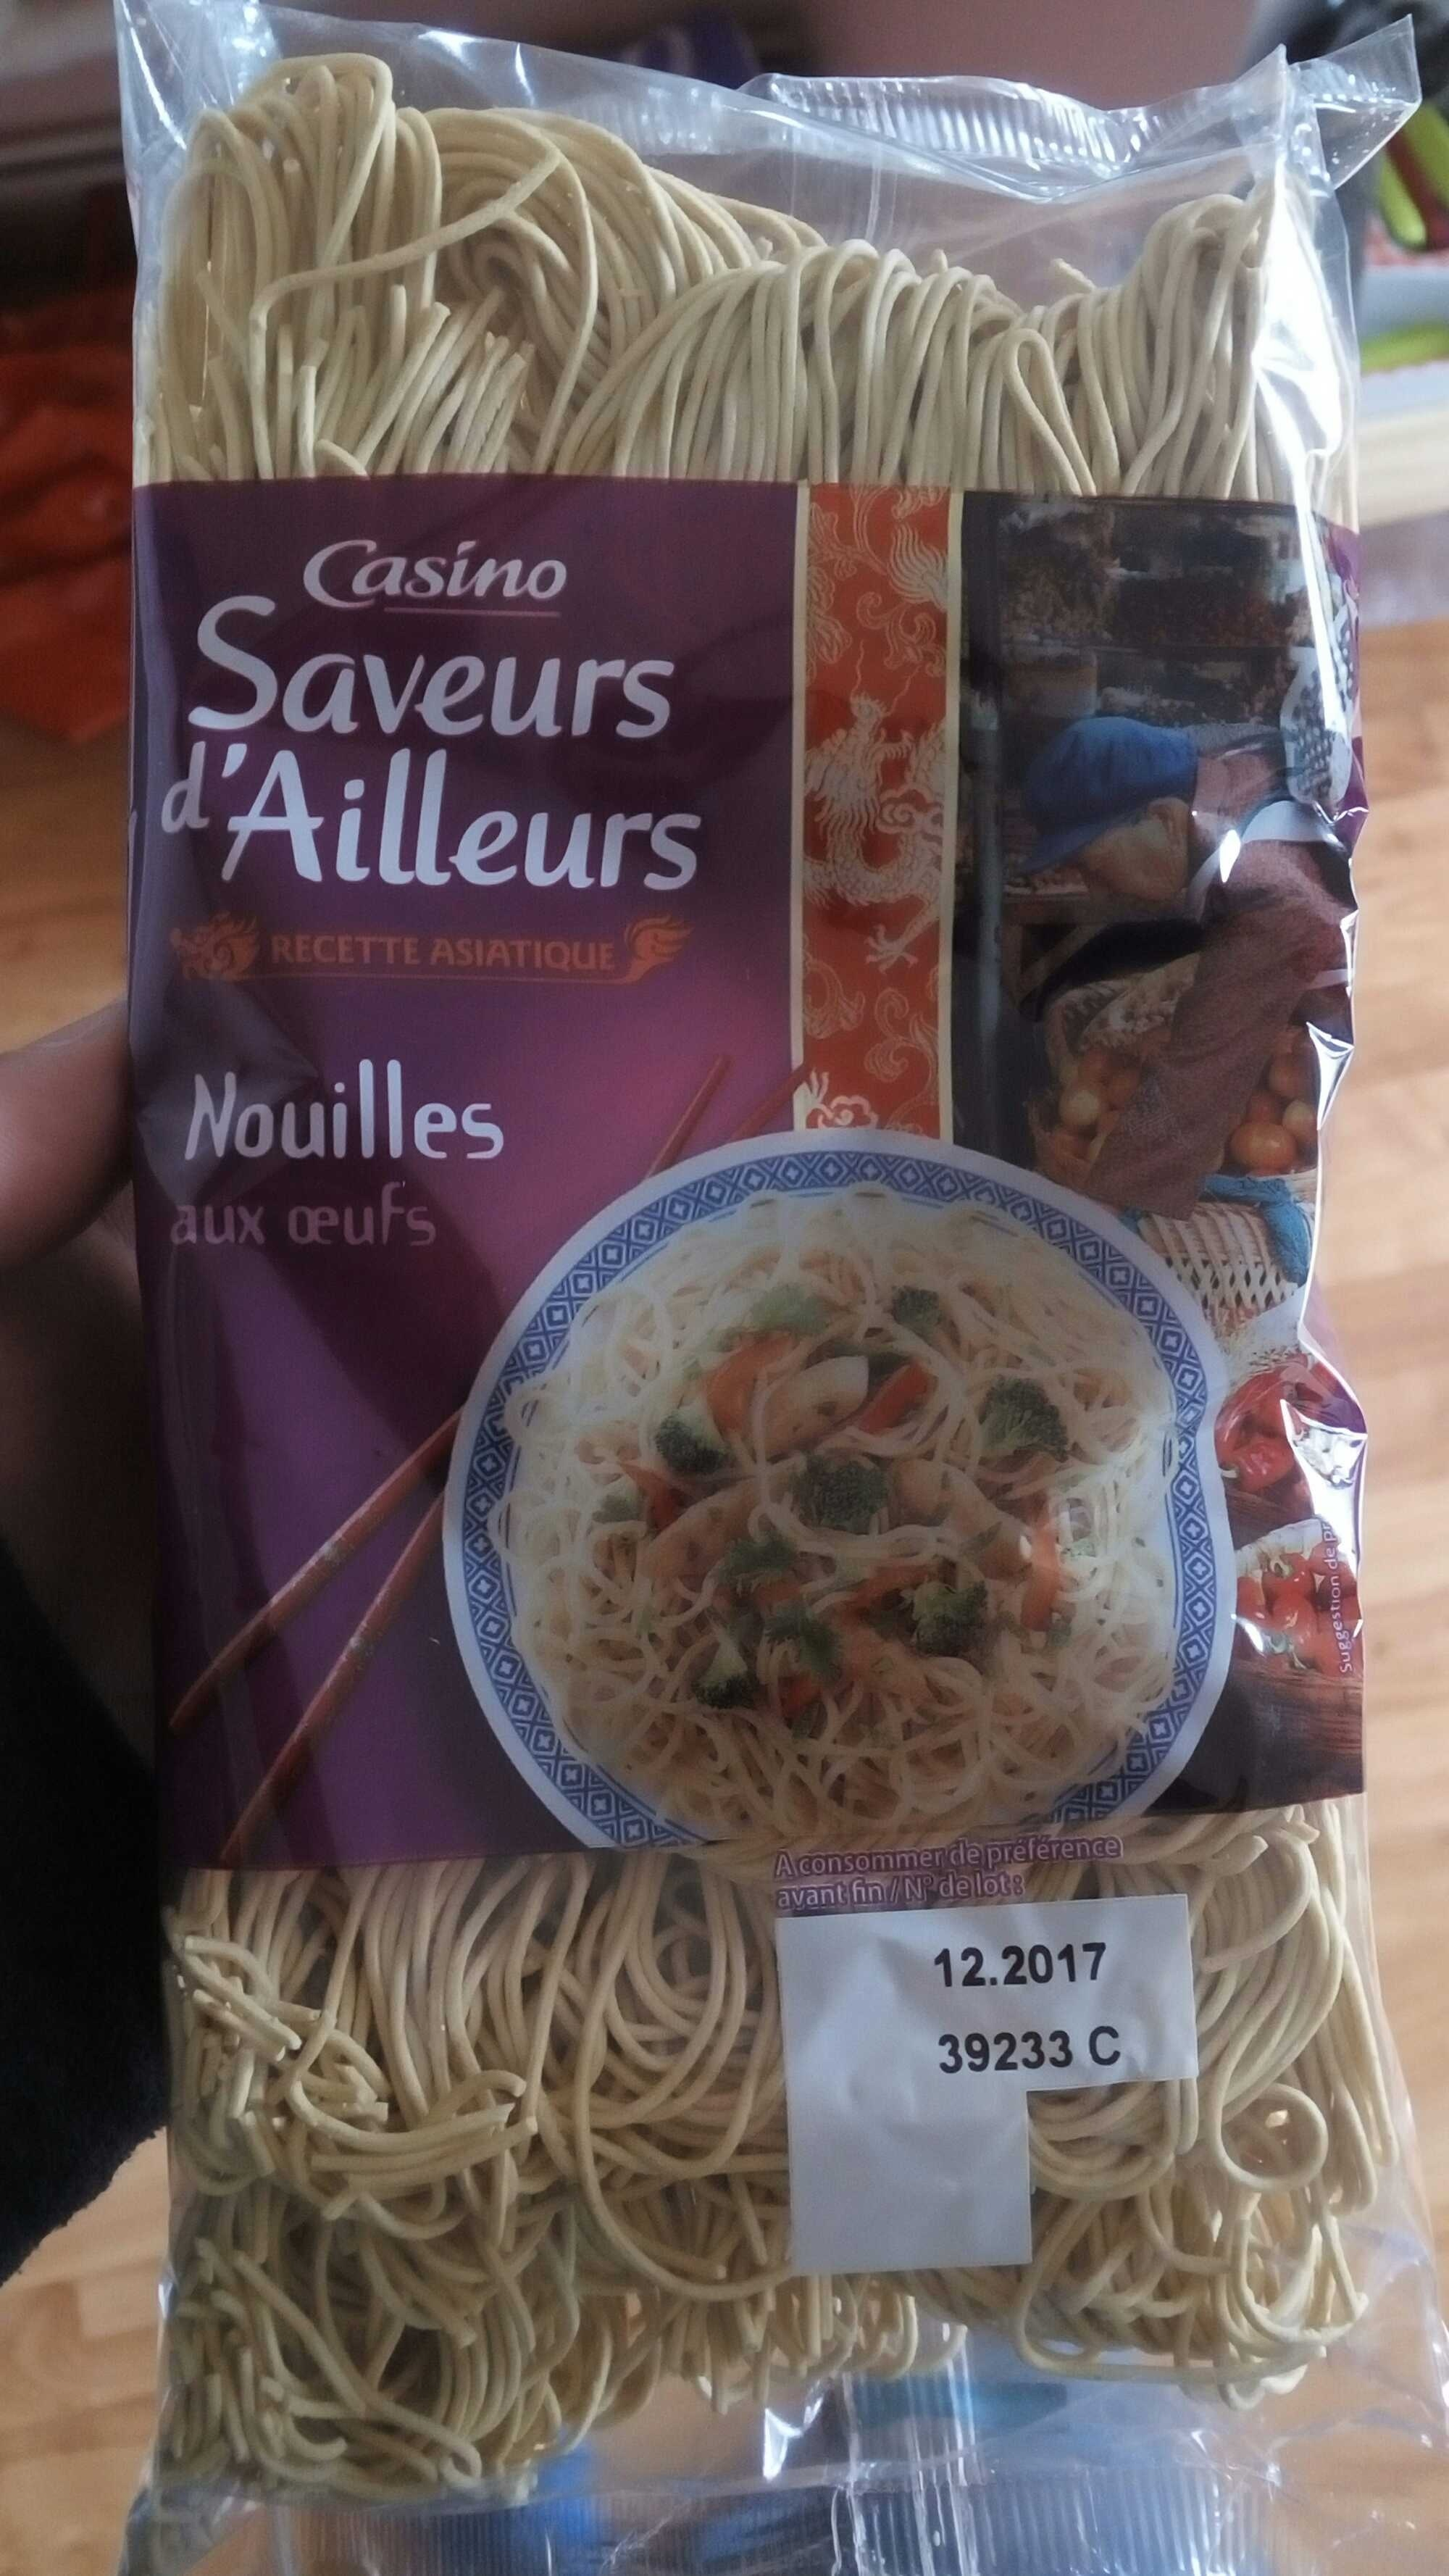 Nouilles aux oeufs - Product - fr